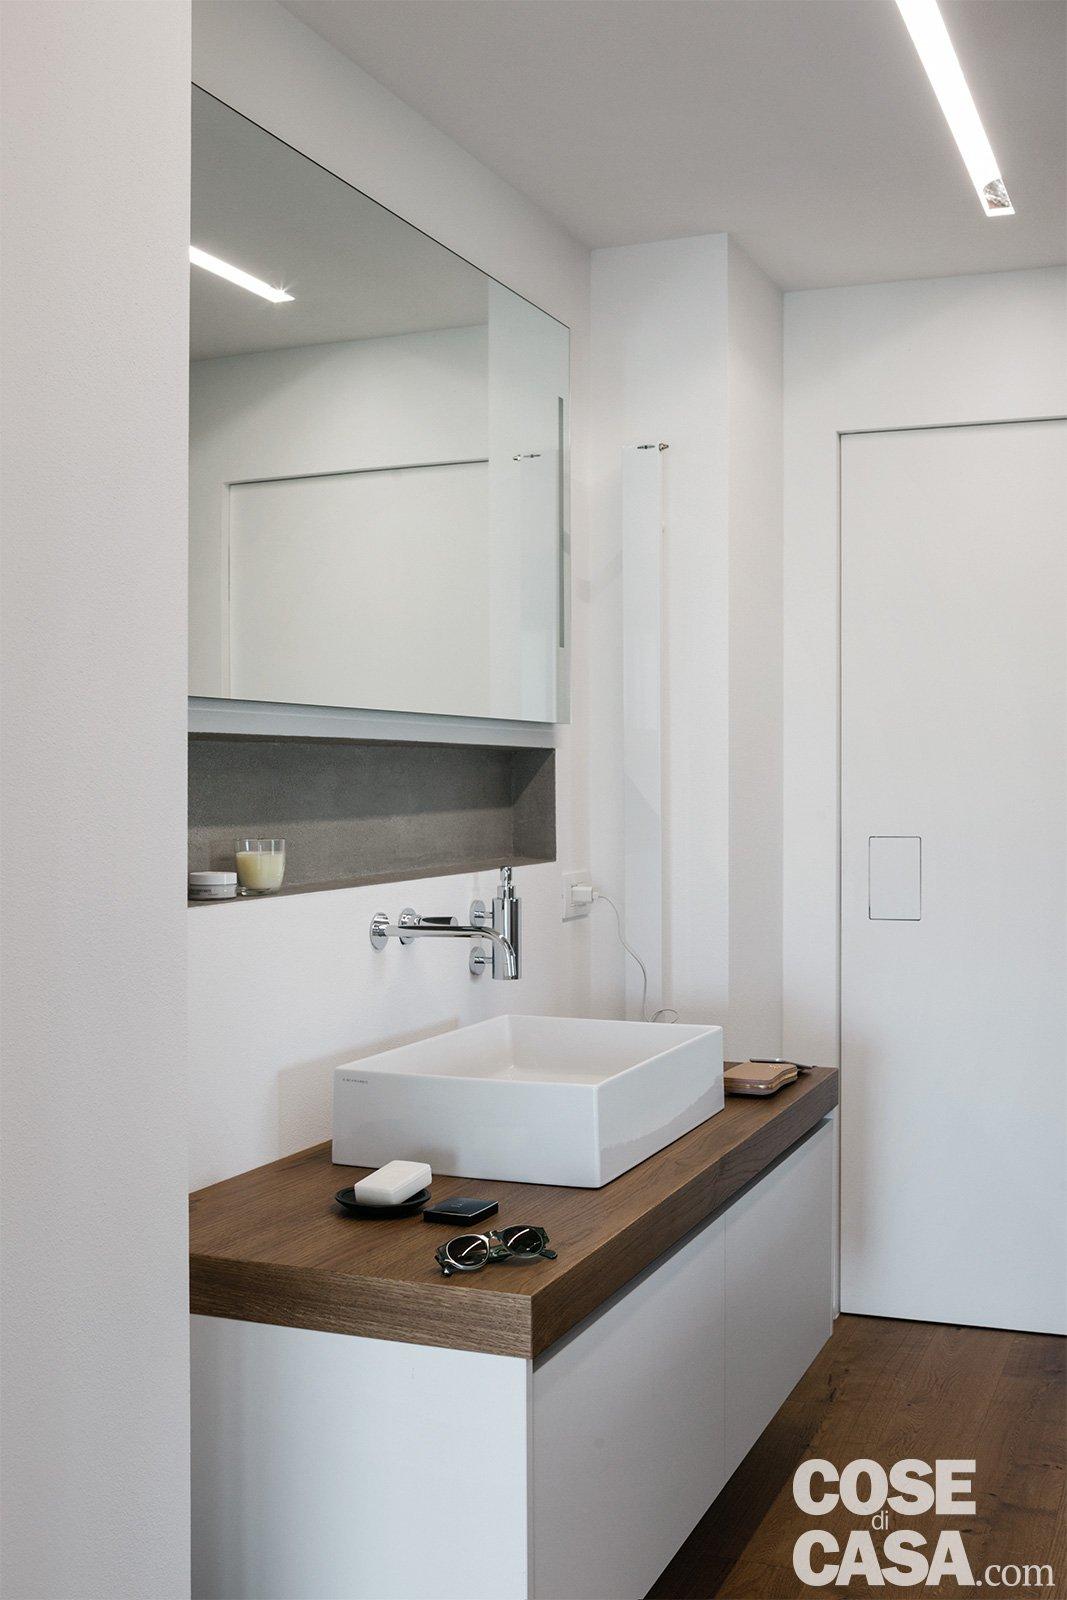 98 mq spazio moltiplicato dalla luce nel sottotetto della - Bagno nel sottotetto ...